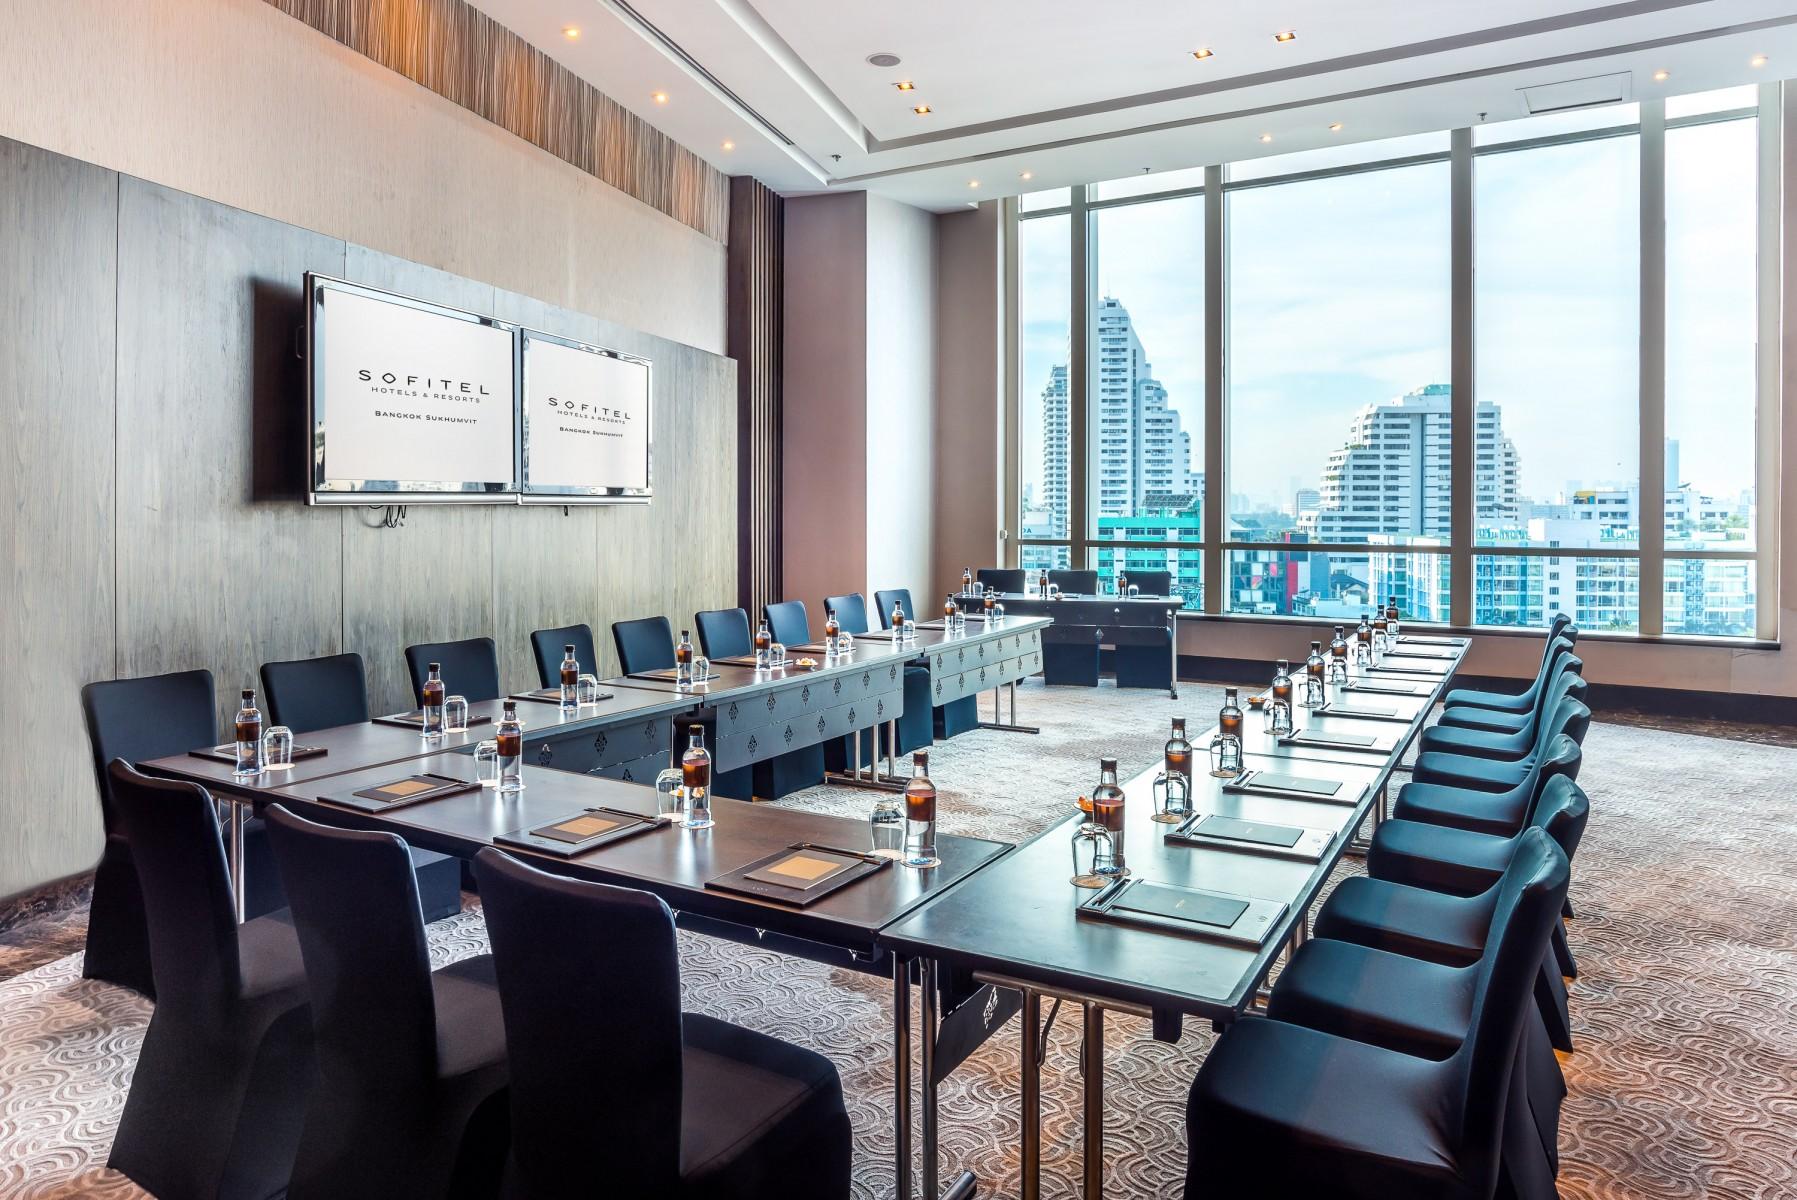 5 star meetings & event venue in bangkok